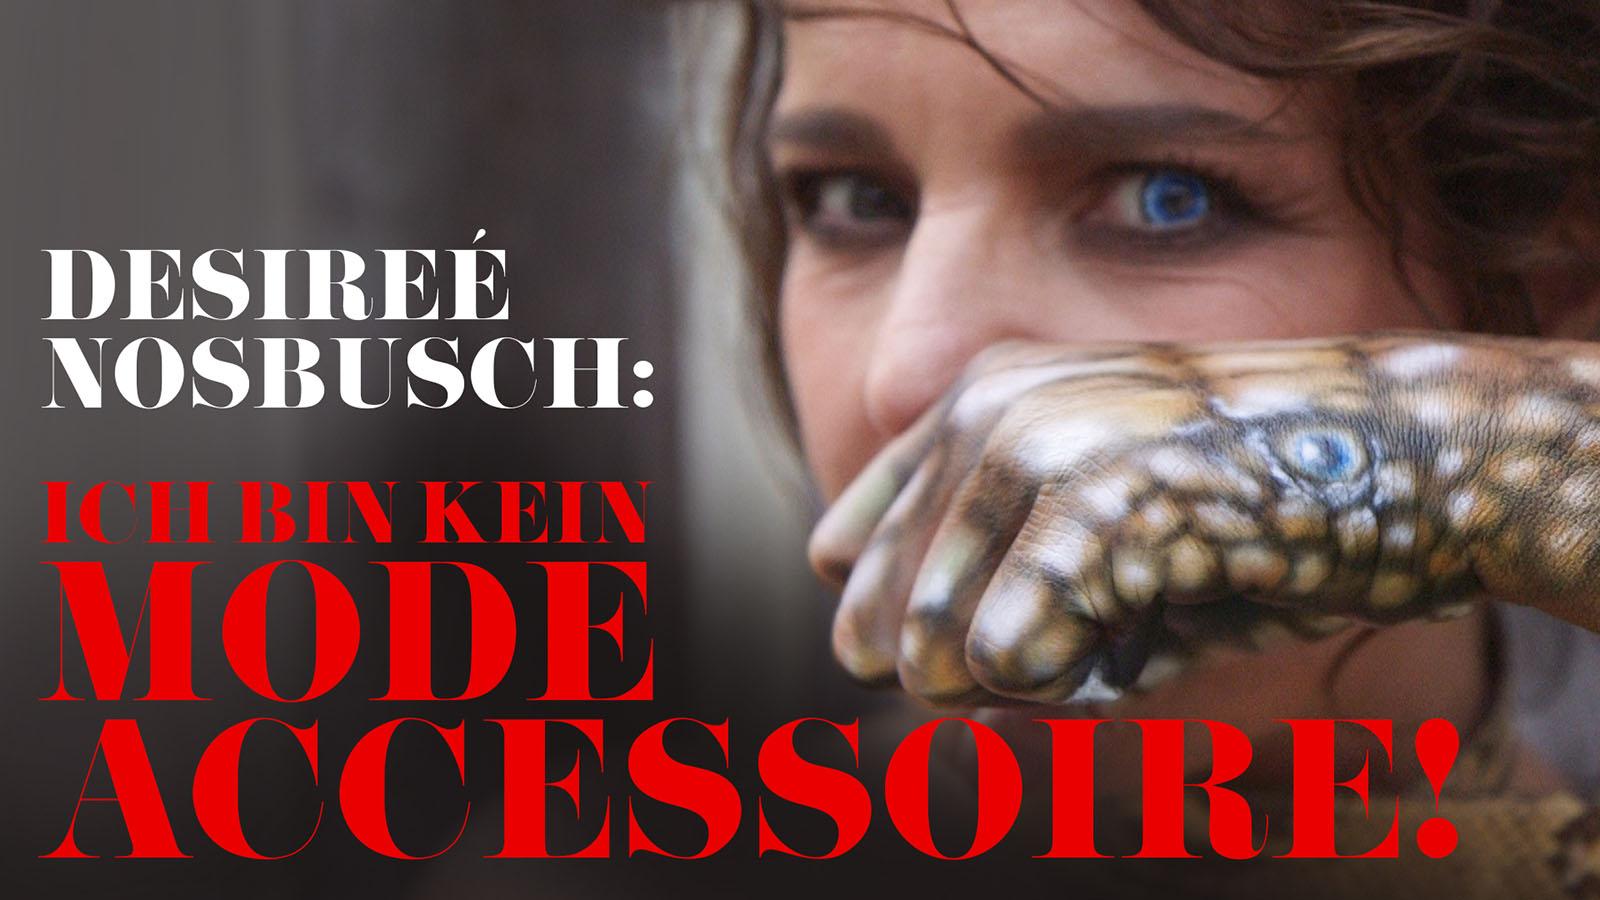 """Désirée Nosbusch nackt für PETA: """"Ich bin kein"""